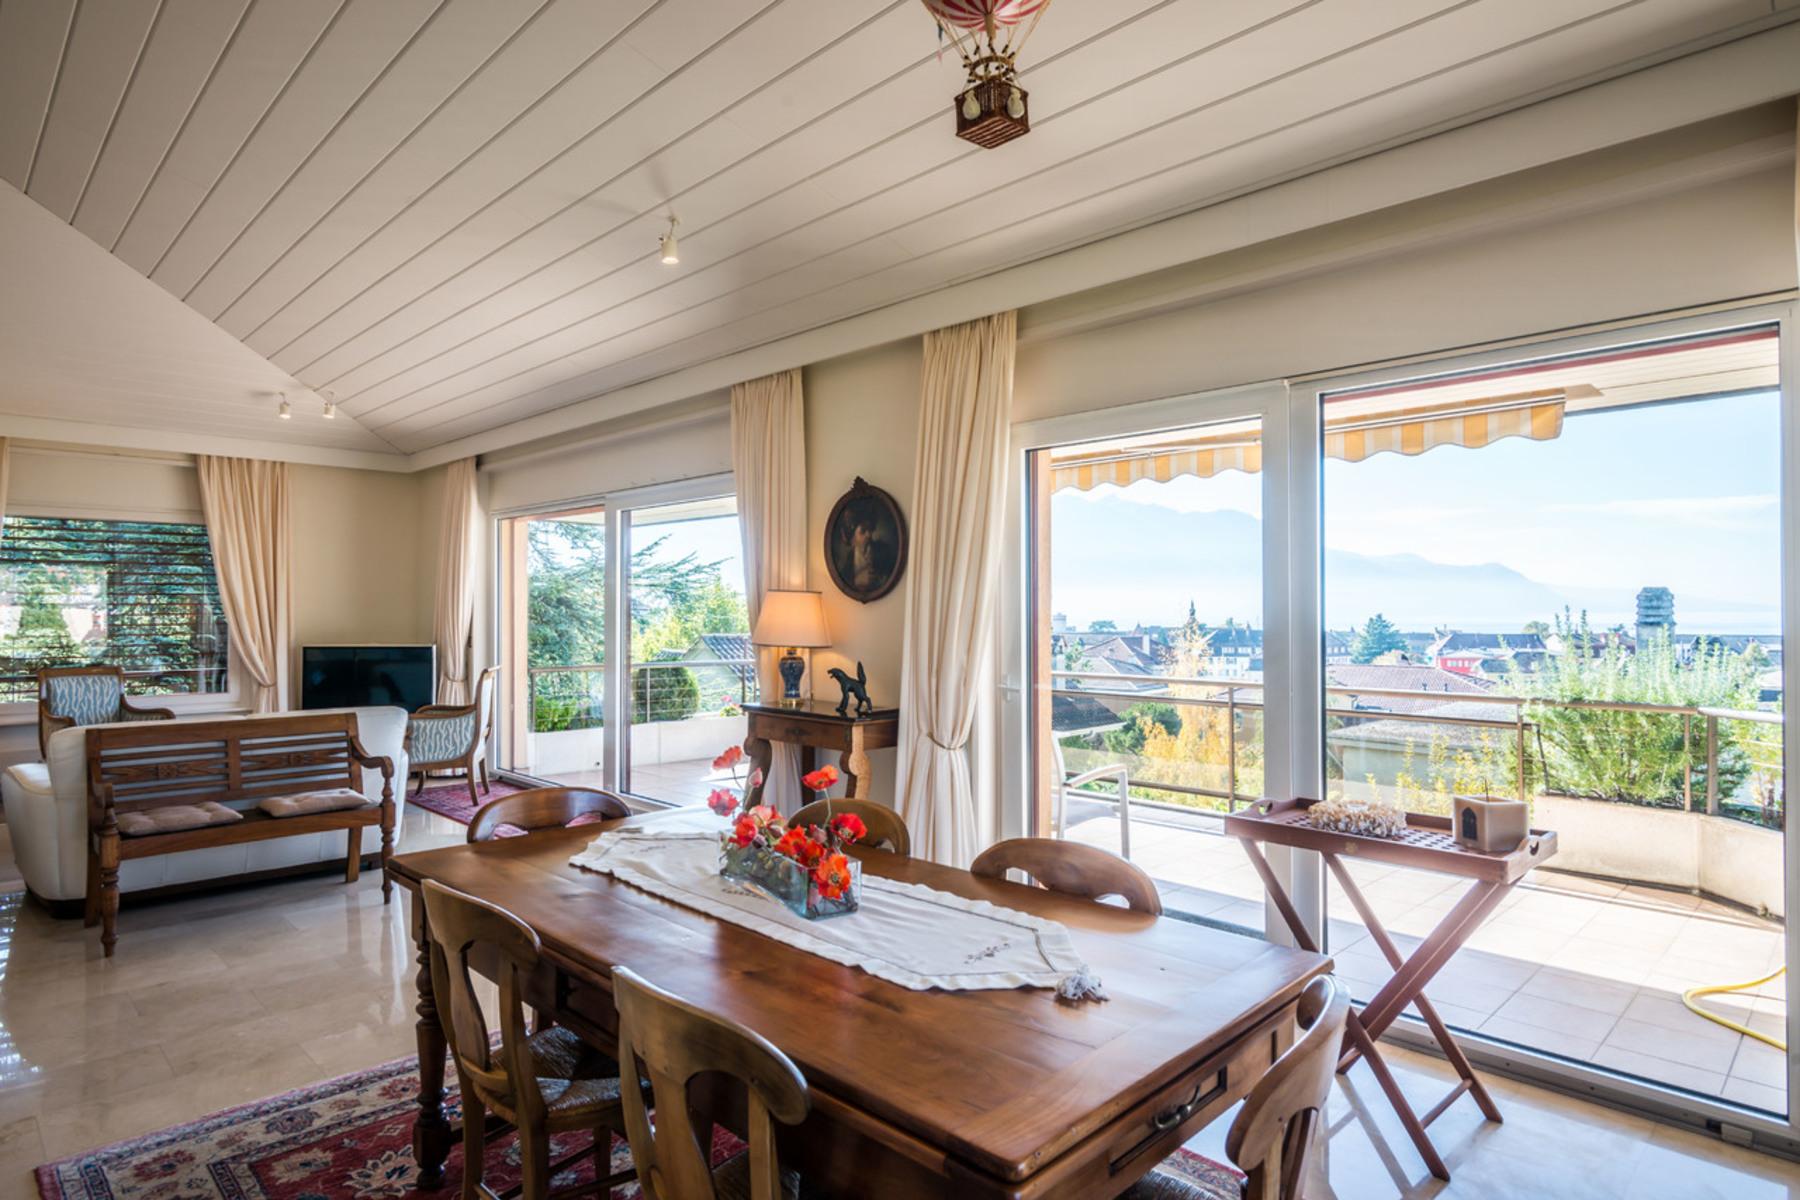 شقة للـ Sale في Magnificent penthouse apartment in the heart of La Tour-de-Peilz La Tour-De-Peilz, Vaud, 1814 Switzerland